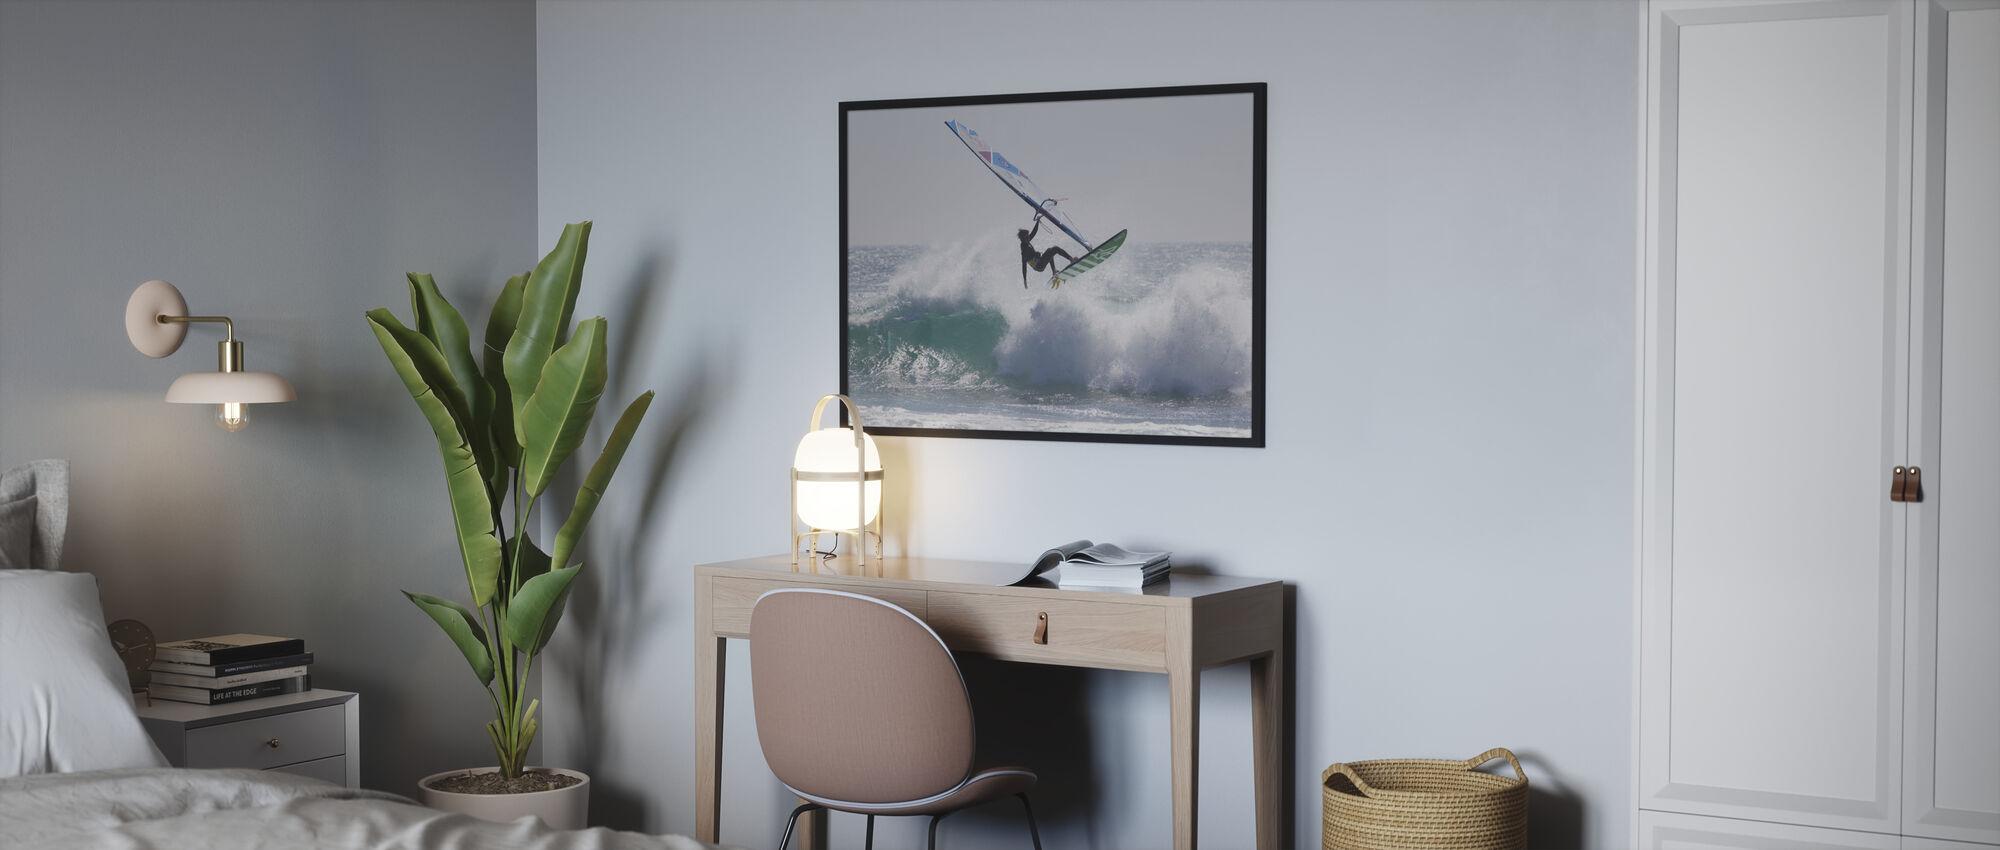 Windsurfen Sprung - Poster - Schlafzimmer